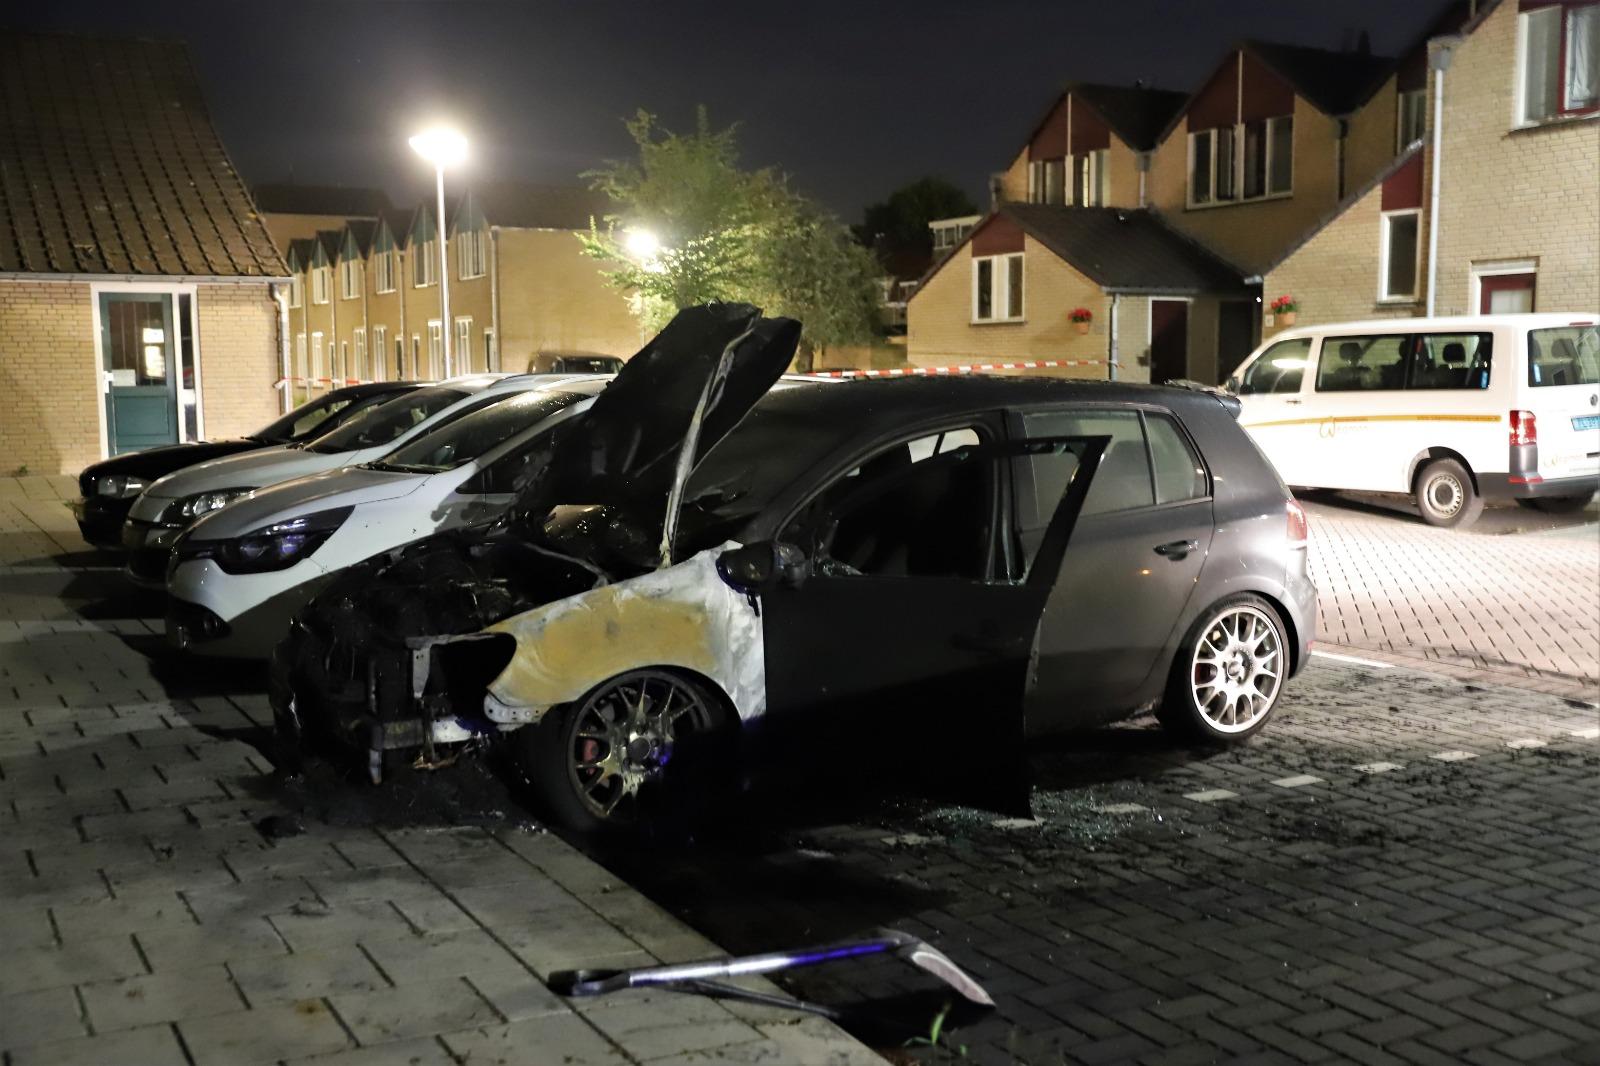 Na drie weken rust toch weer autobrand in Gouda